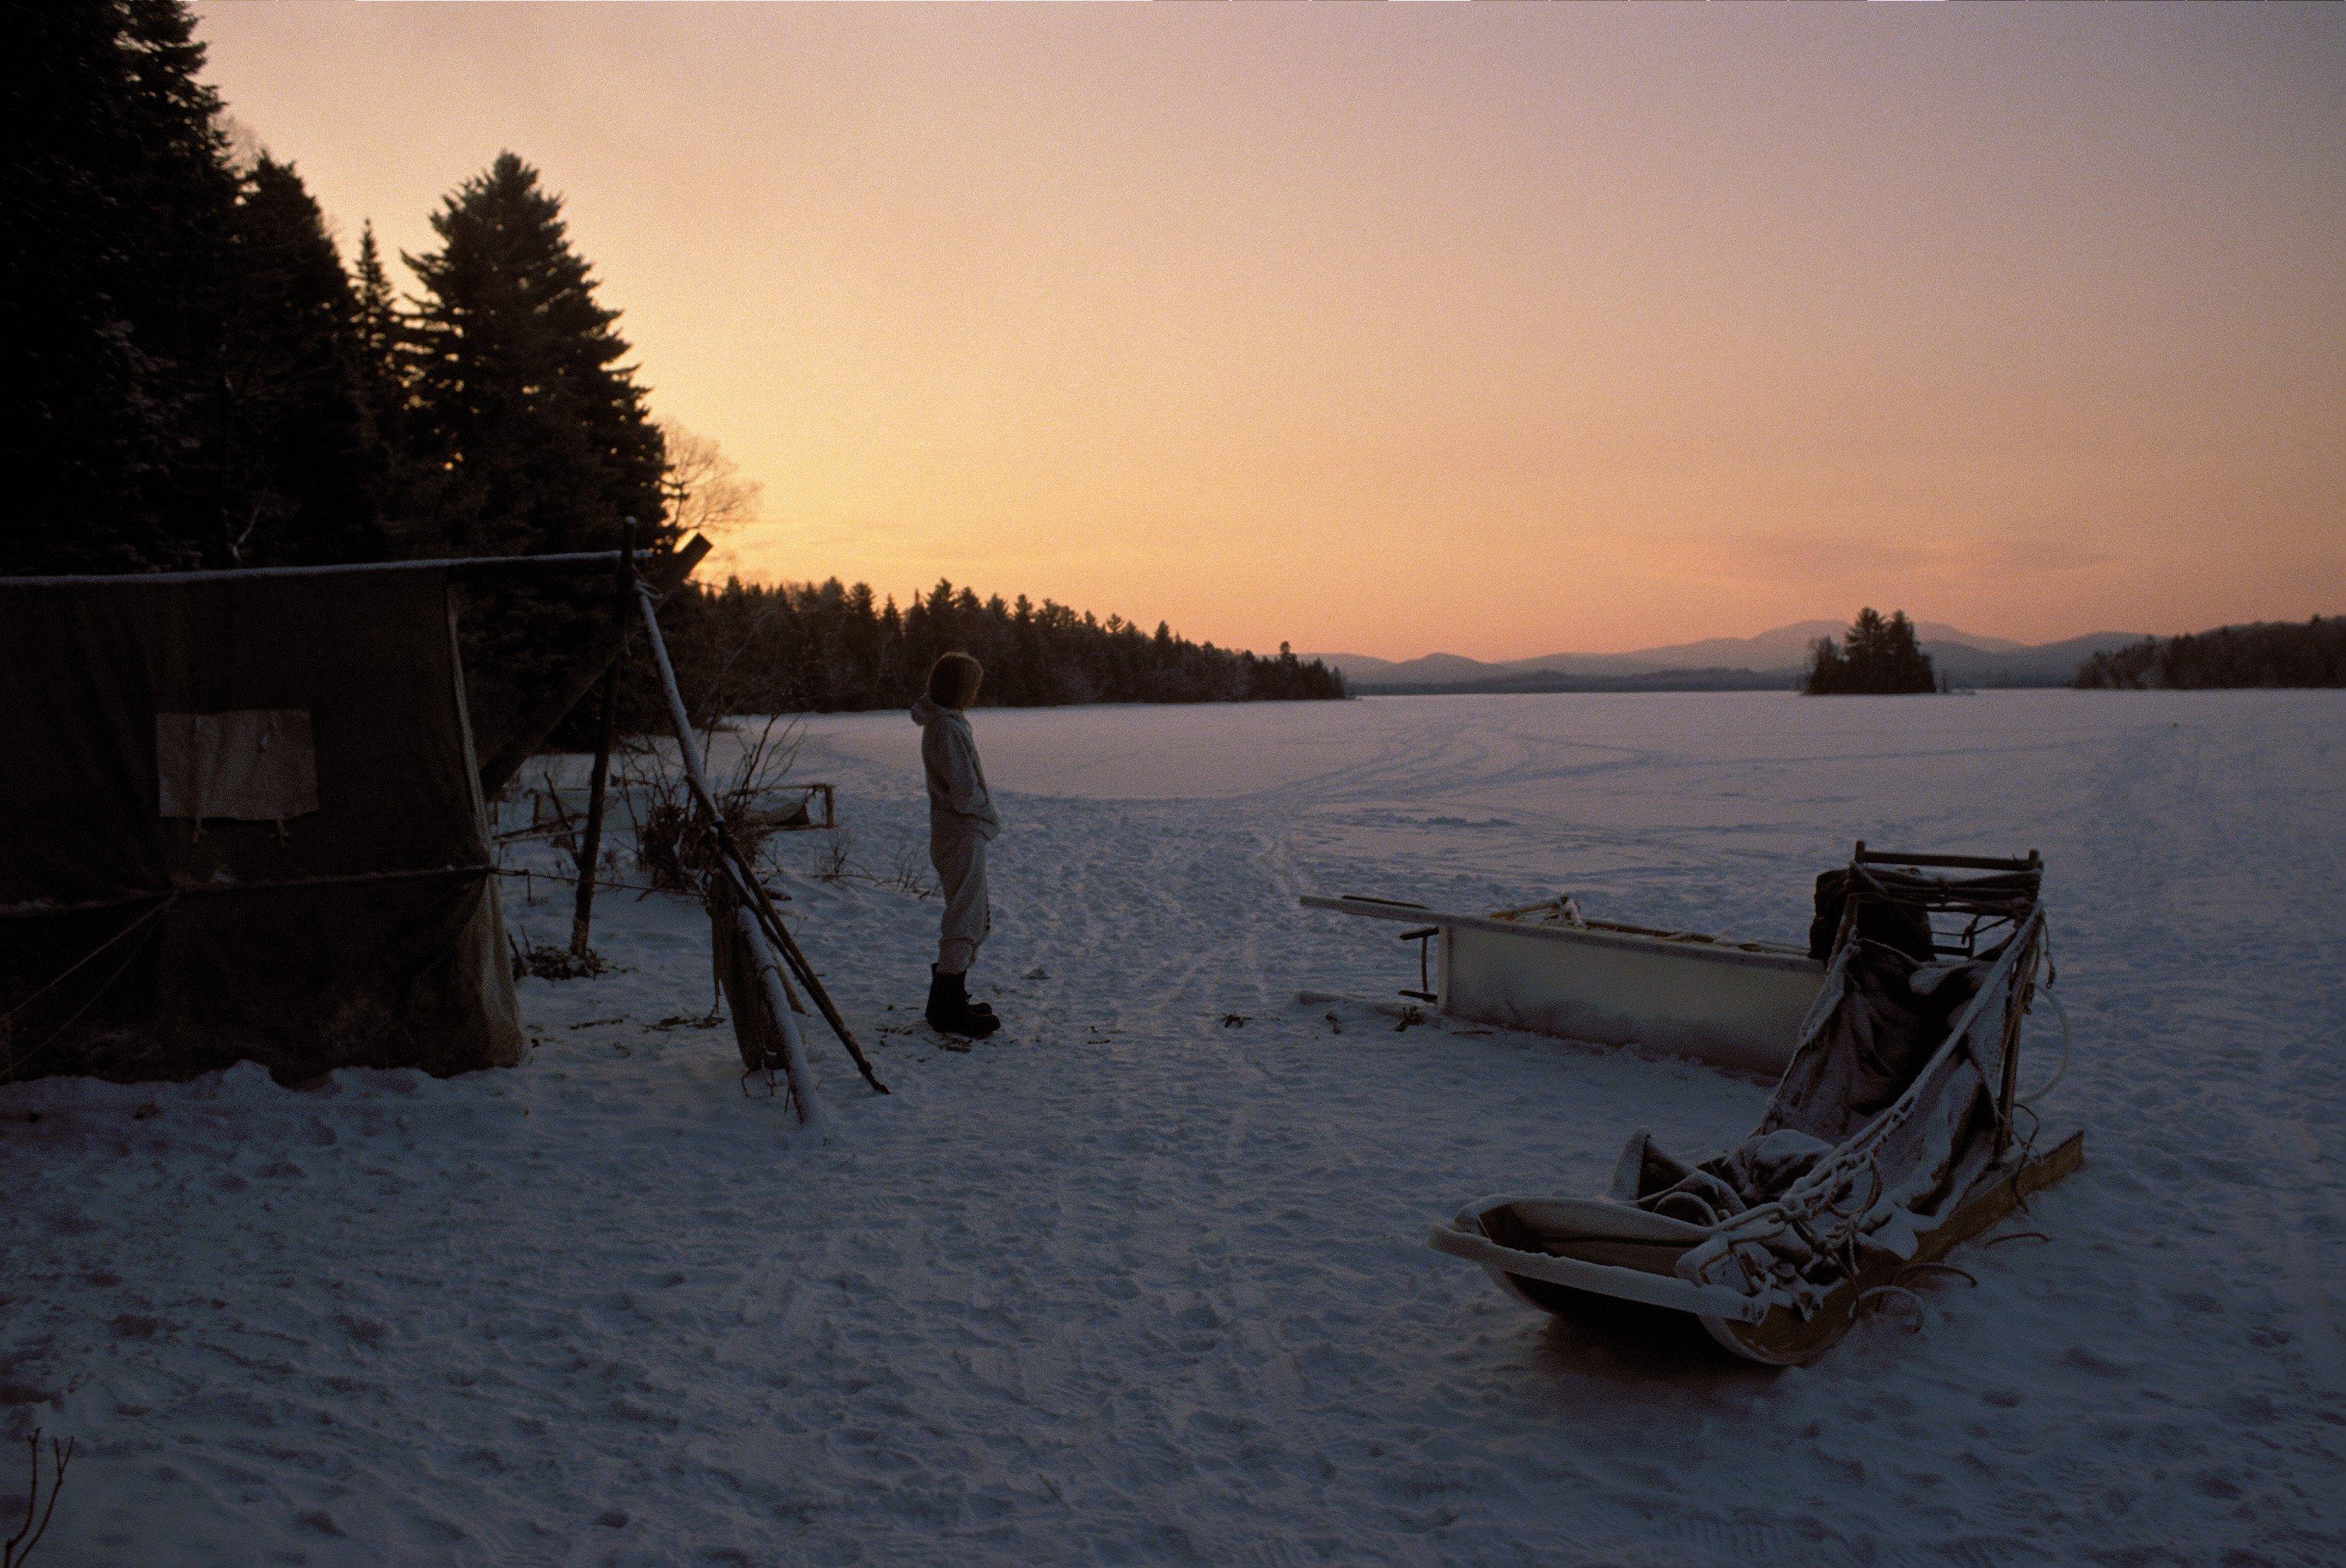 Camp on Umbagog Lake